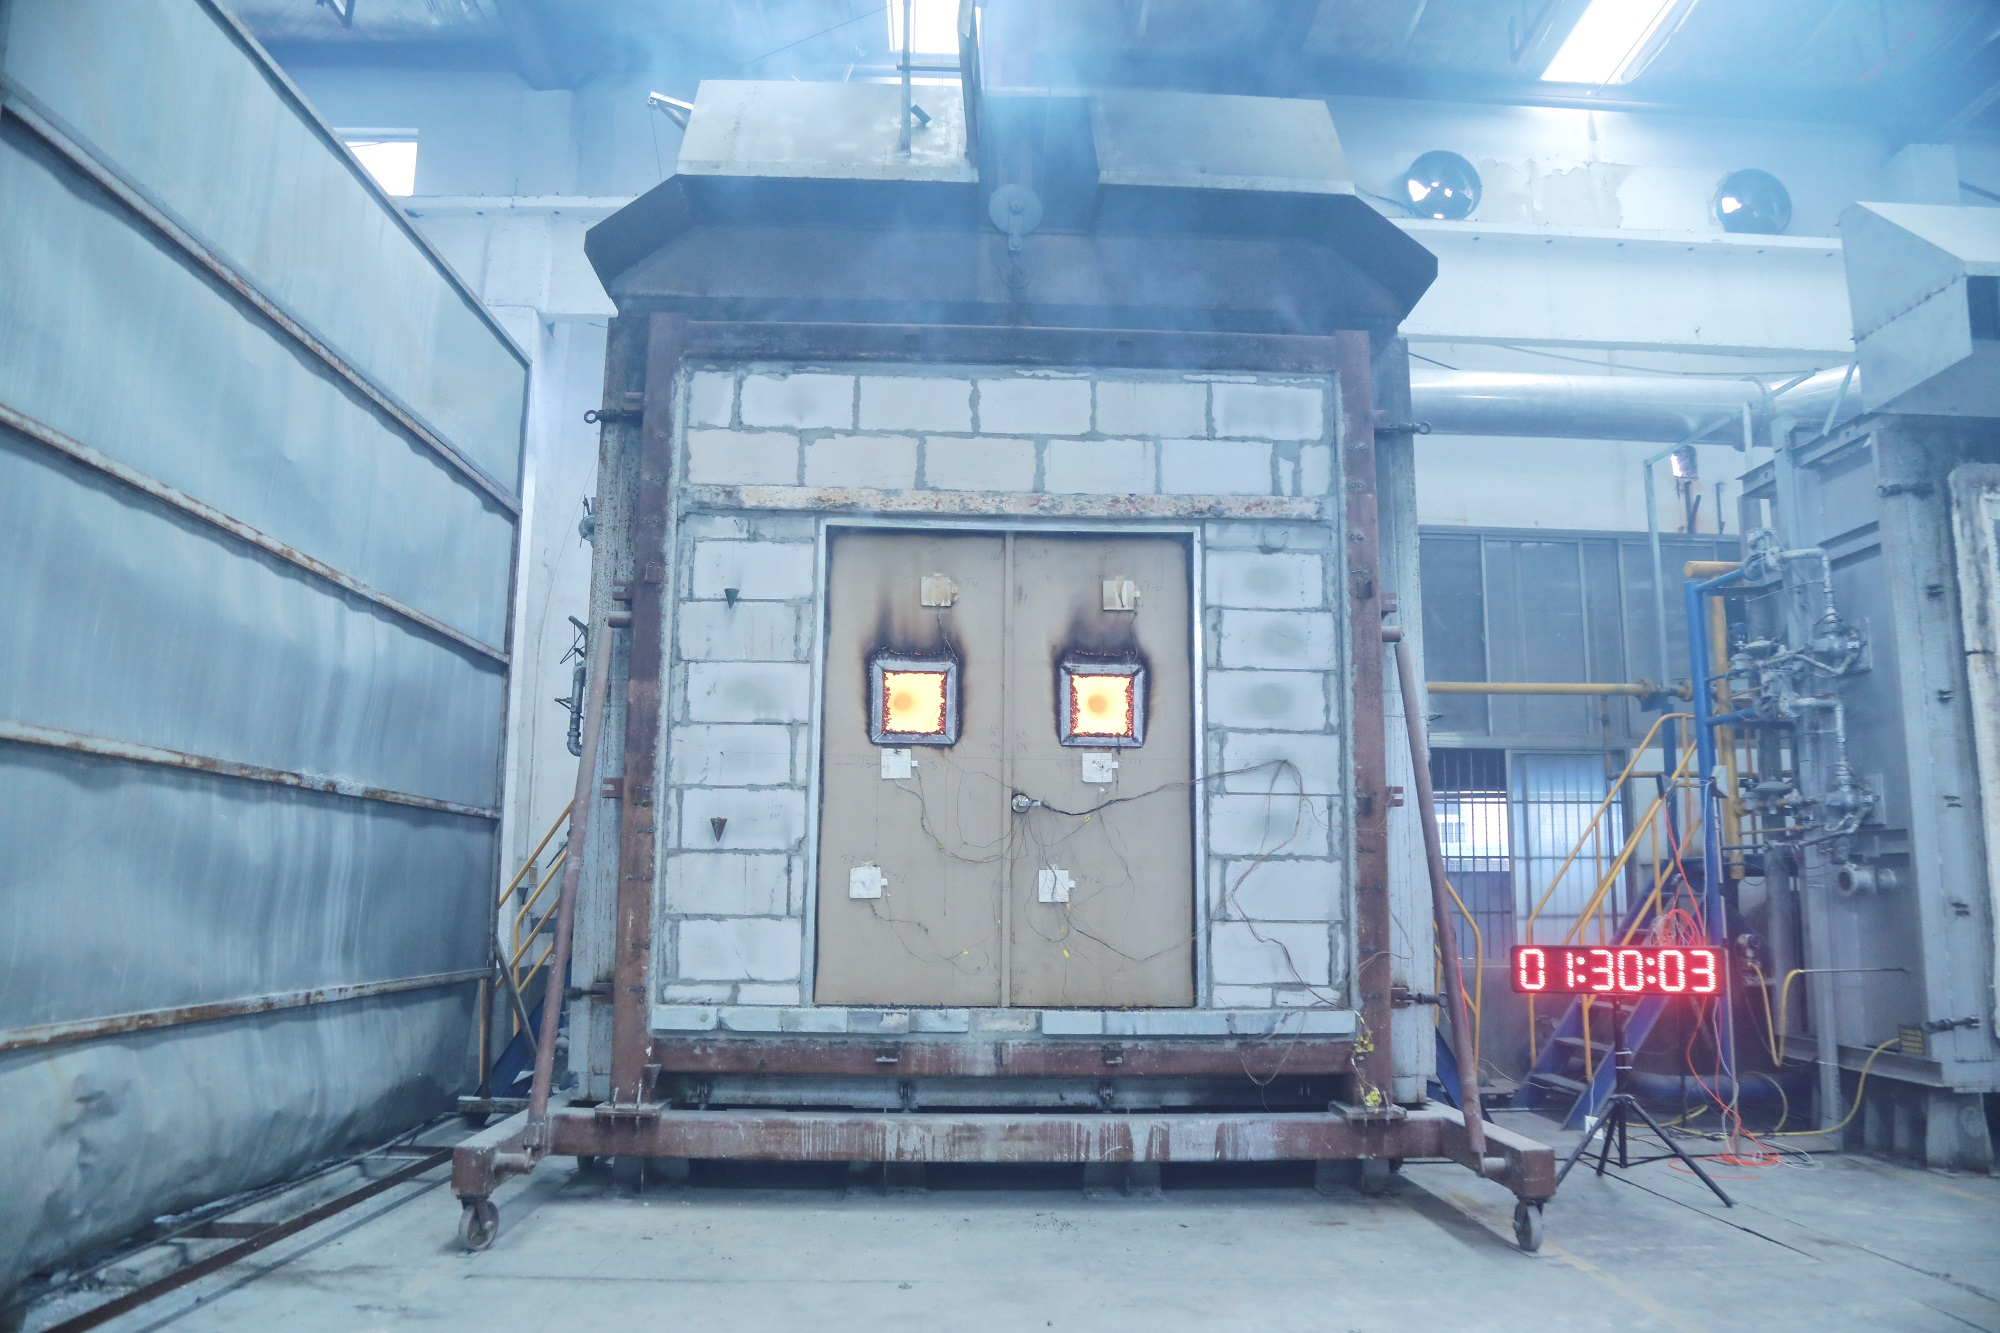 安必安45mm美标UL90分钟双开玻璃防火门圆满通过正式测试